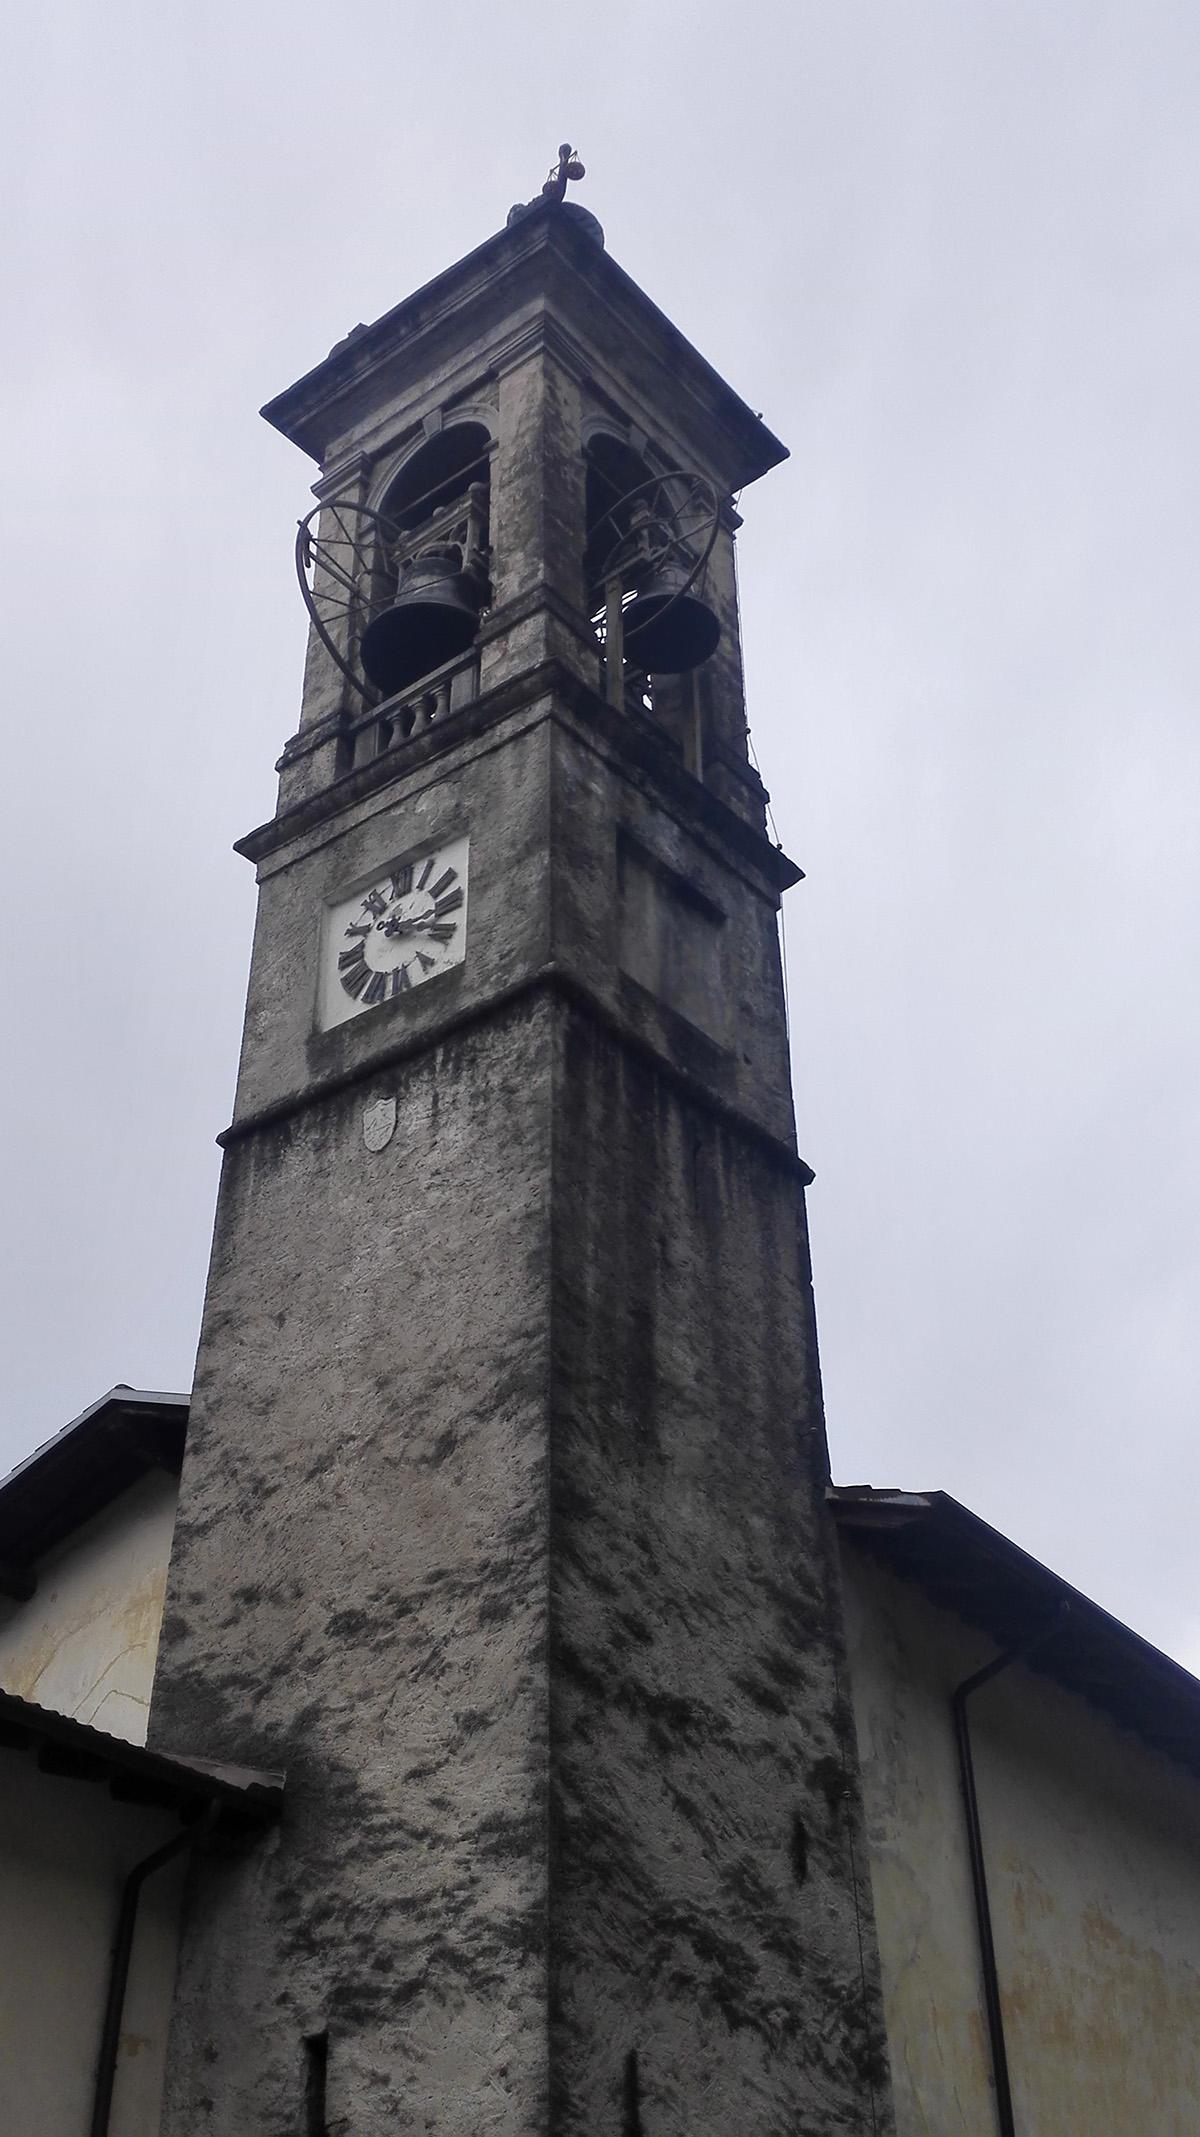 Perico-Renato-Valnegra (BG) - Campanile - Consolidamento e restauro 6